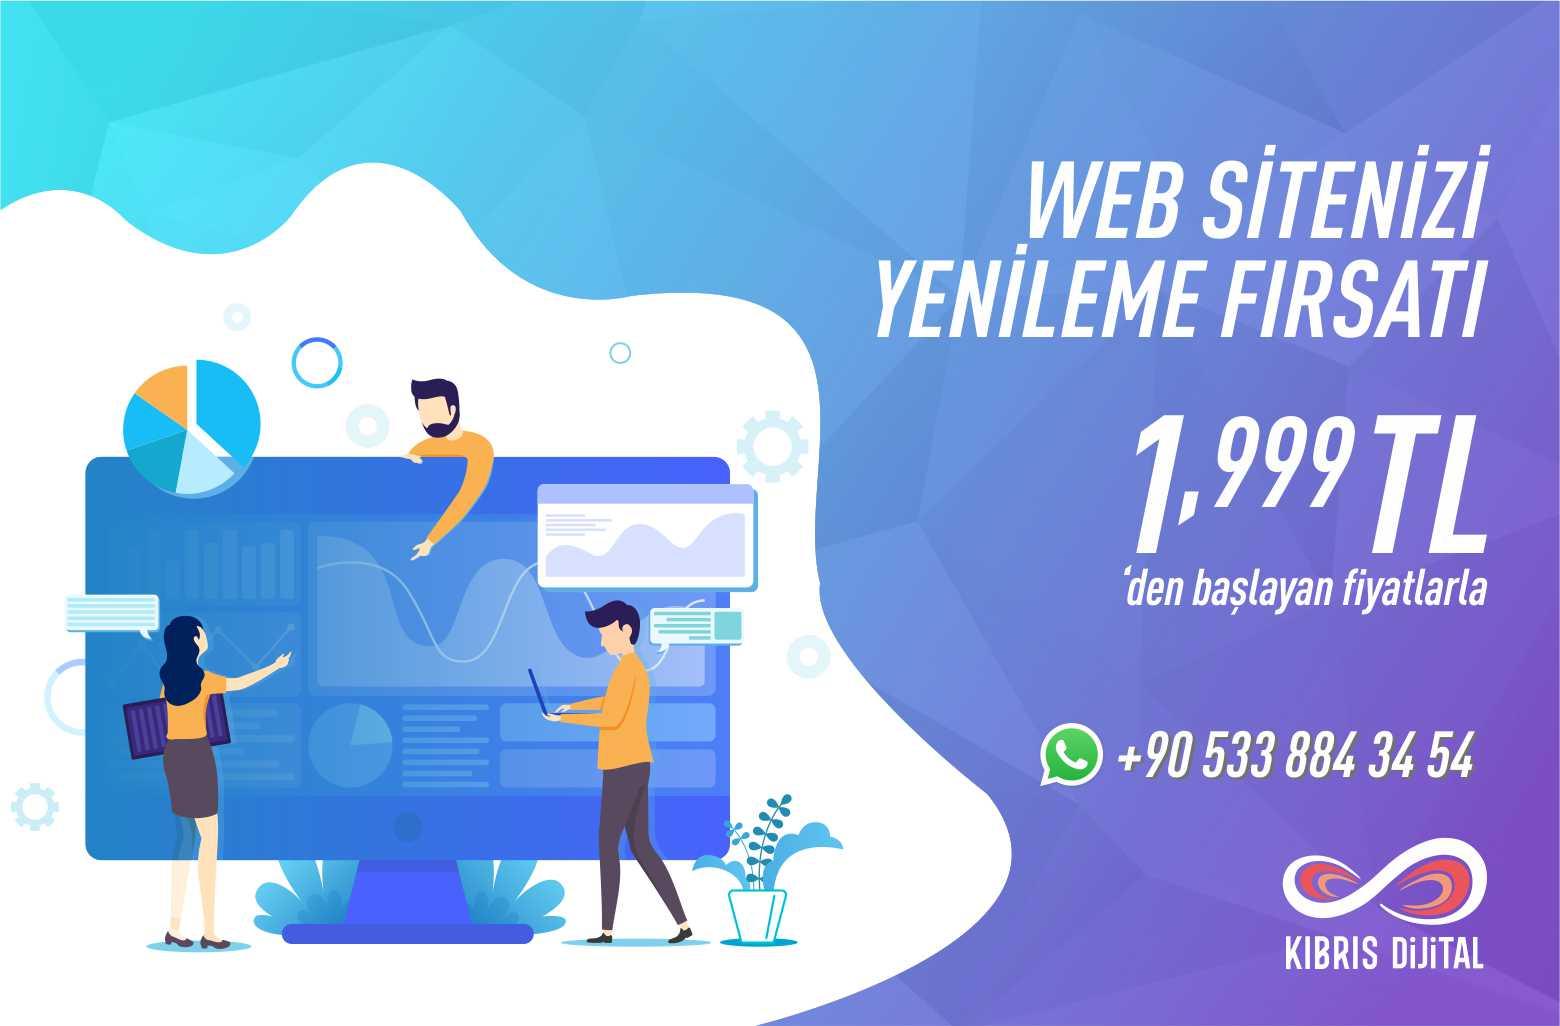 KKTC İnternet Sitesi Fiyatları